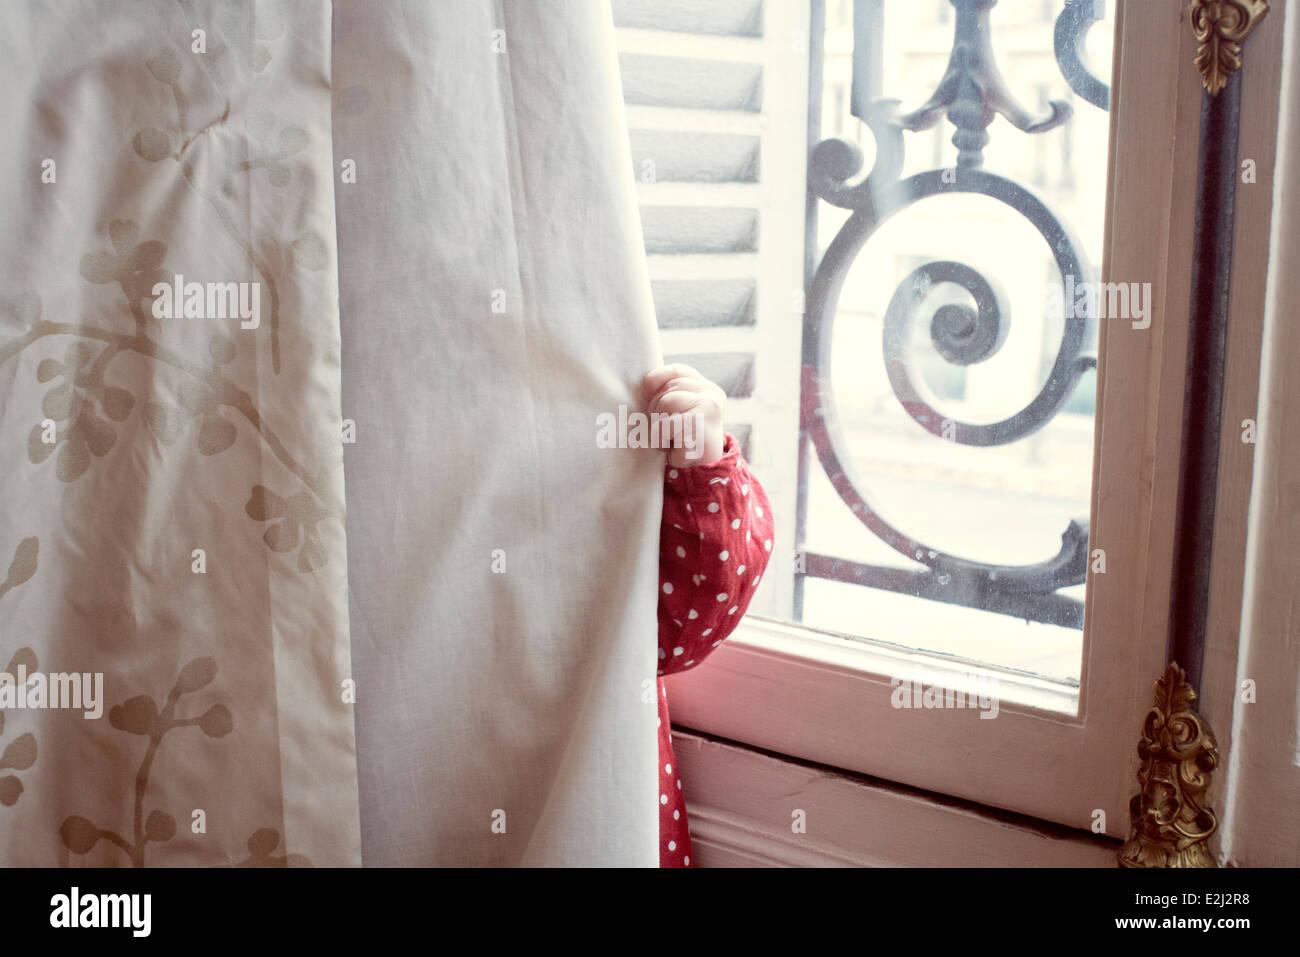 Niño escondido detrás de la cortina Imagen De Stock